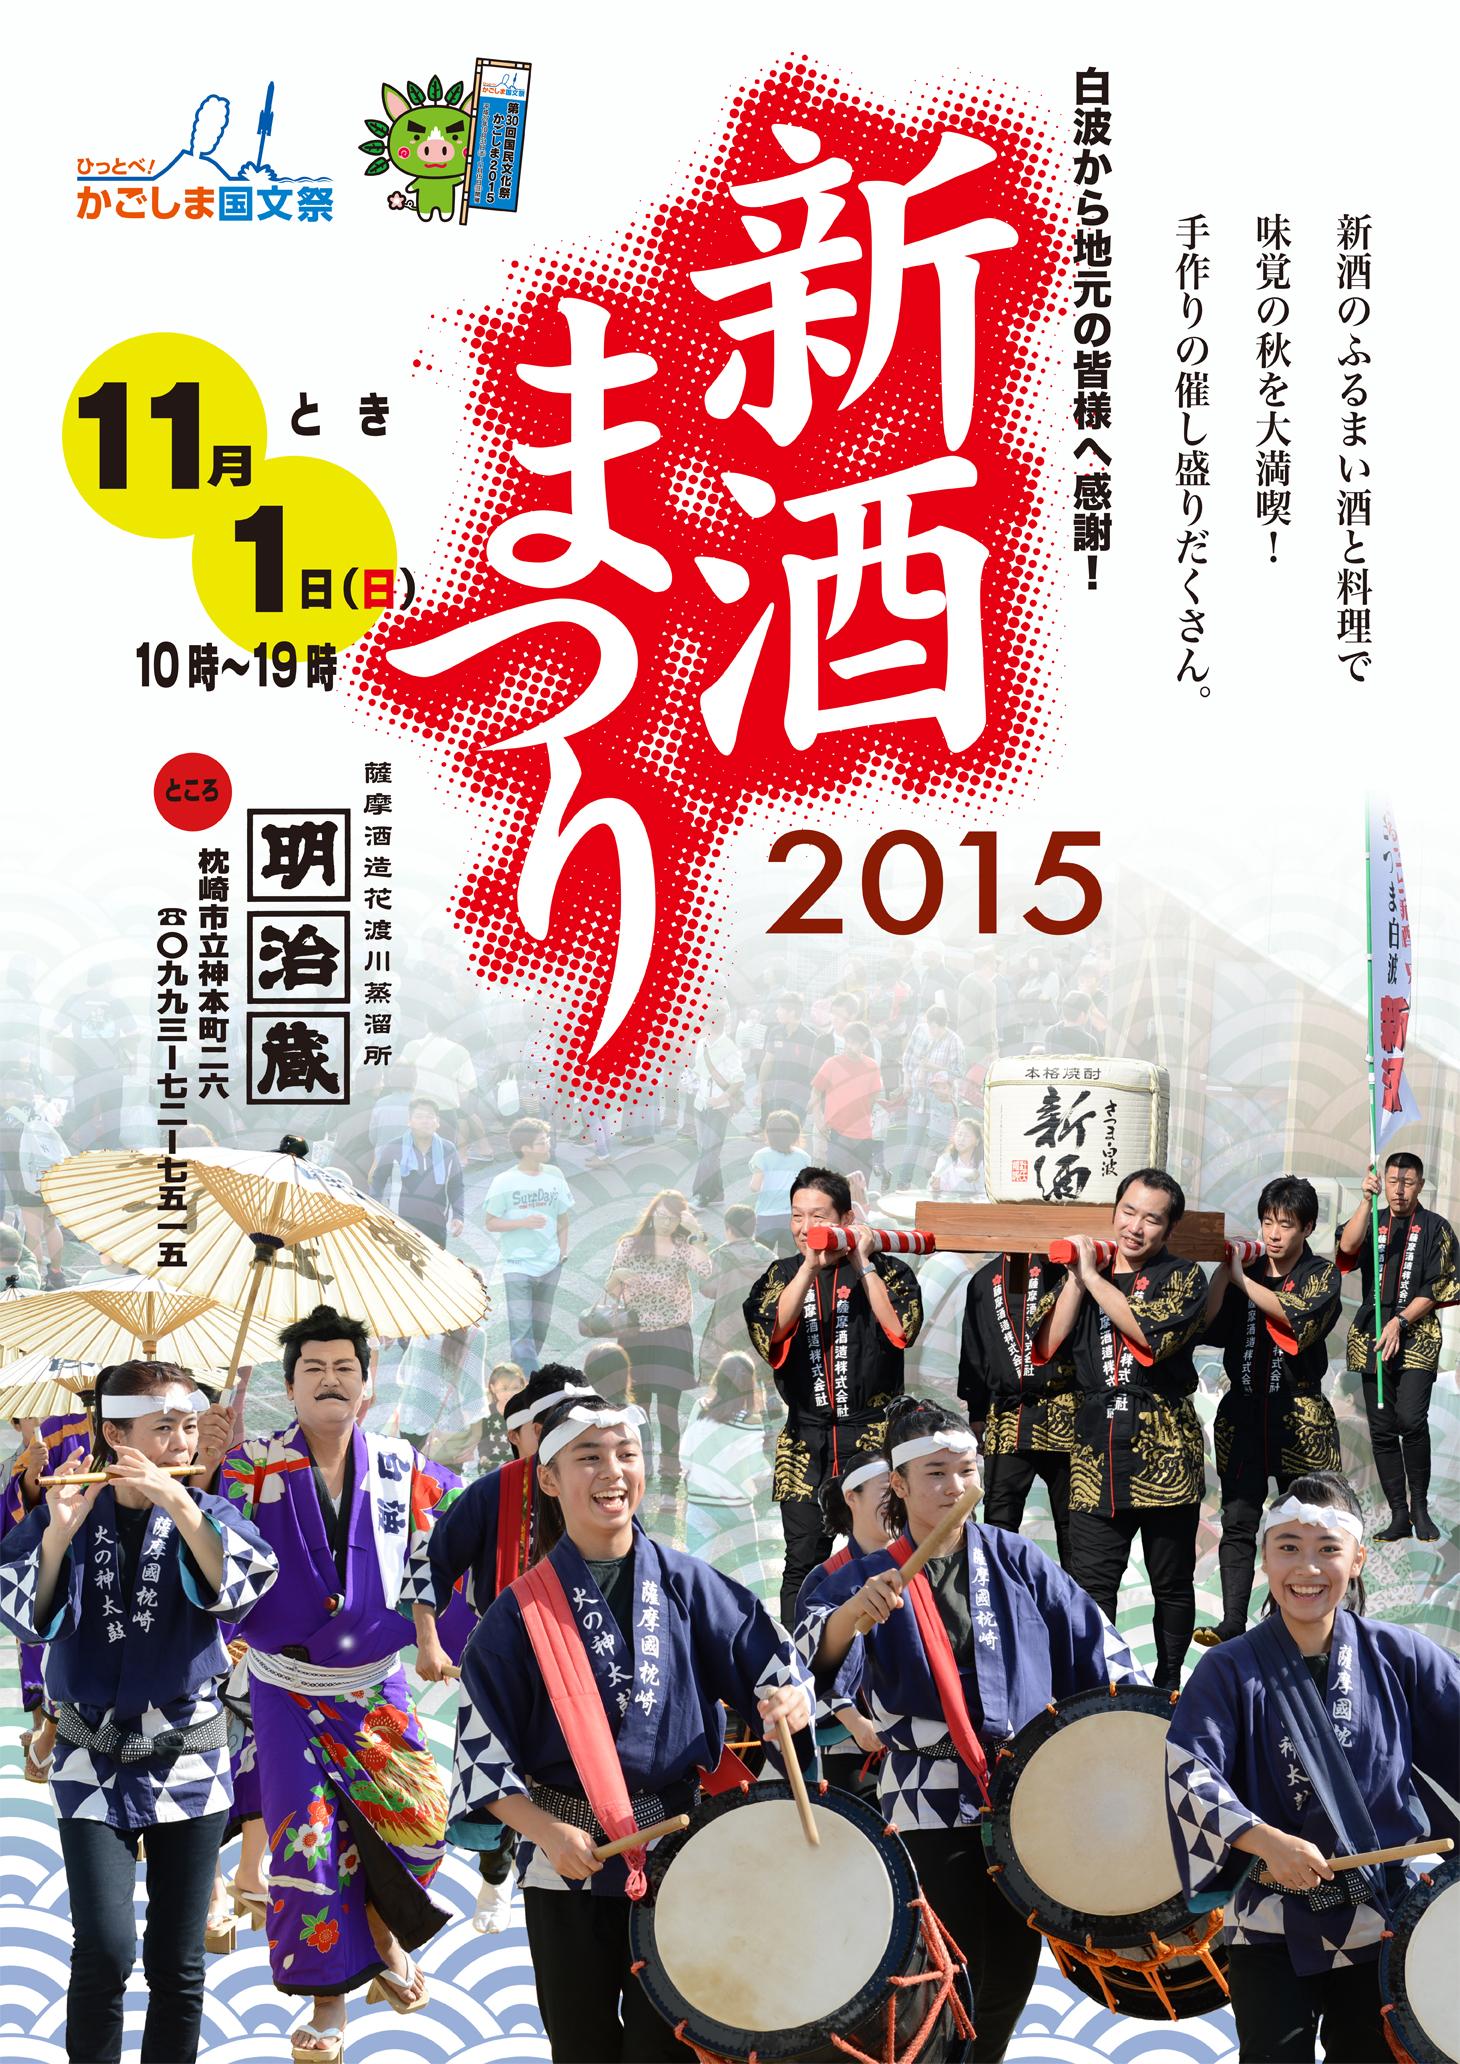 shinshu_matsuri2015.jpg